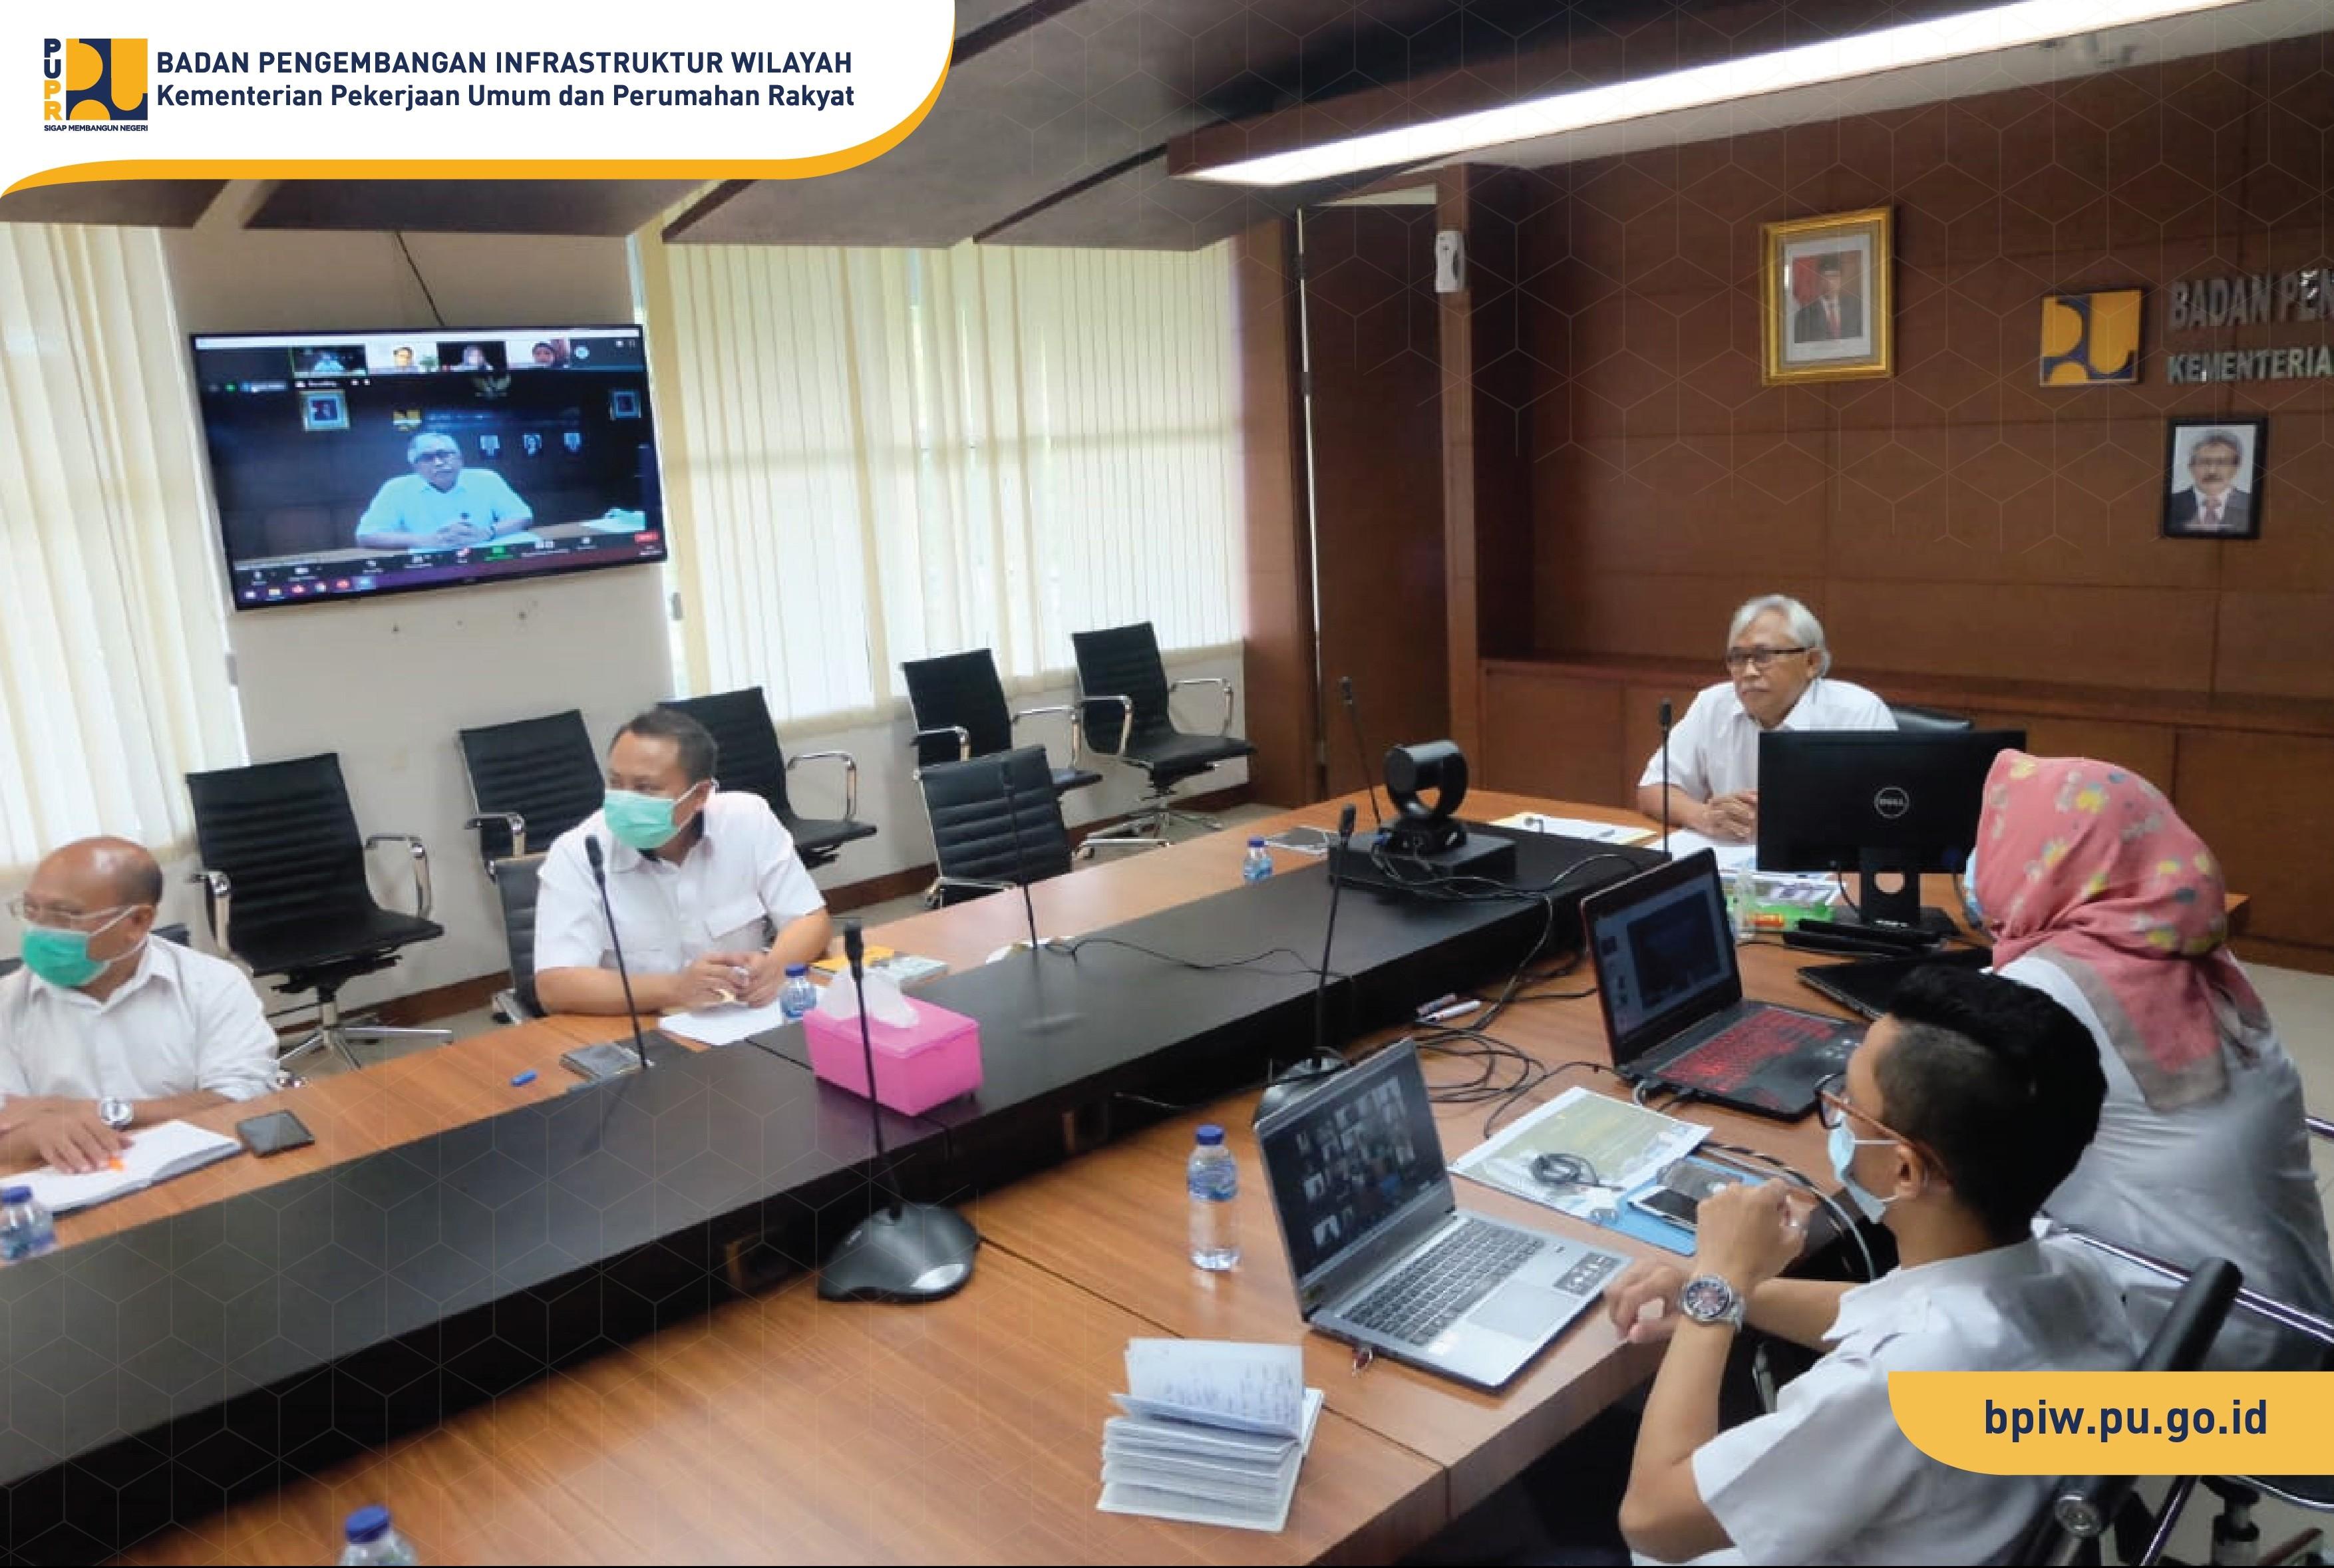 CPNS Peserta OJT di BPIW Dituntut Disiplin dan Mengembangkan Diri